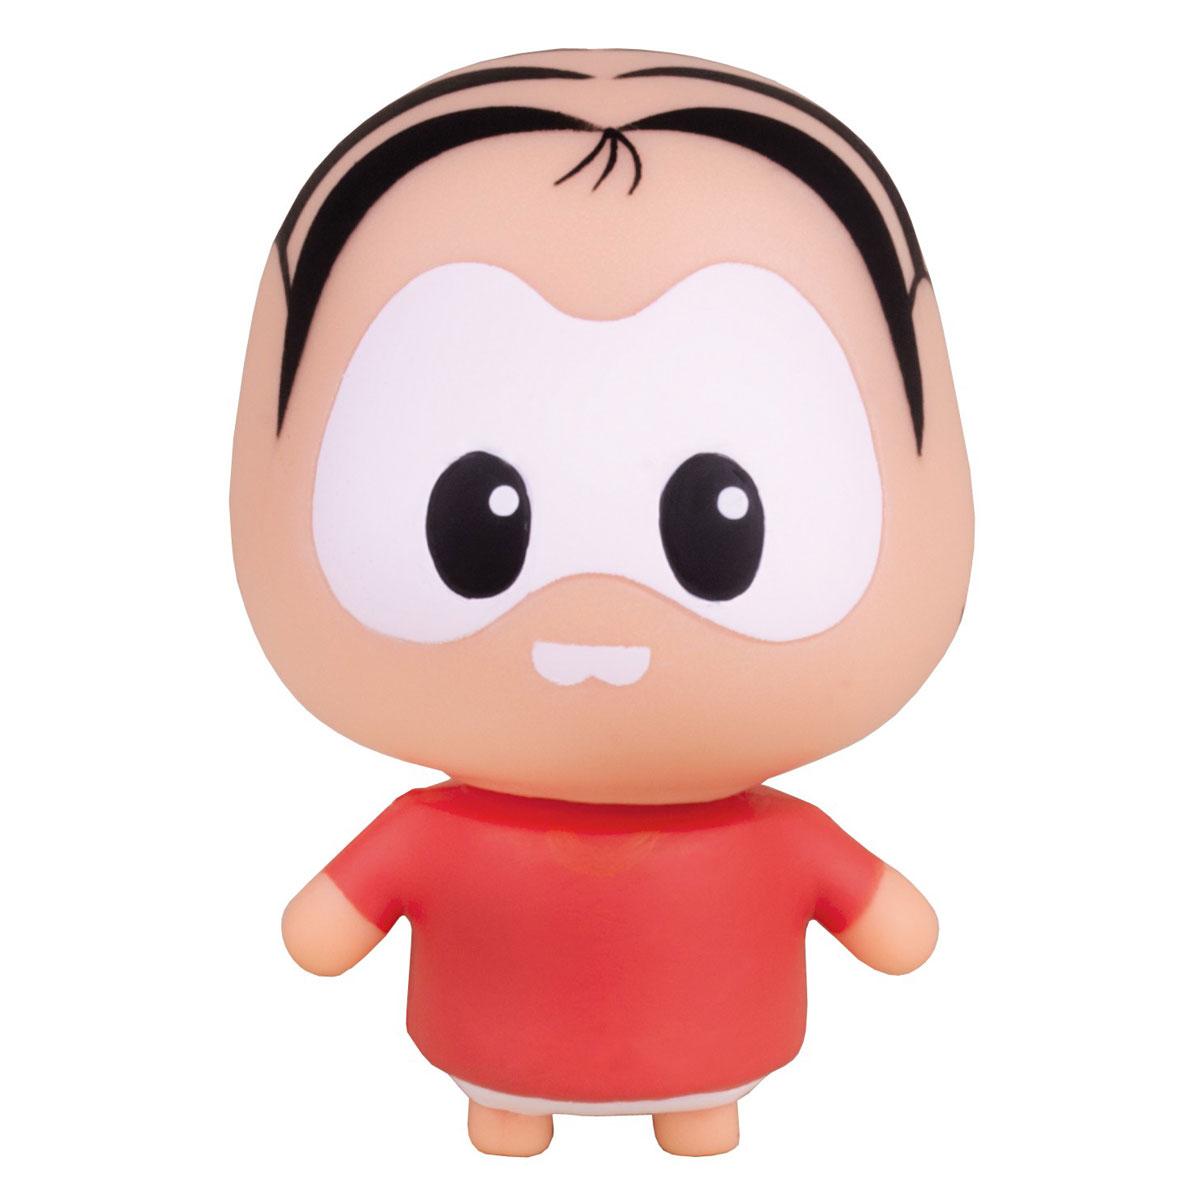 Boneco Turma da Mônica Toy Art Mônica